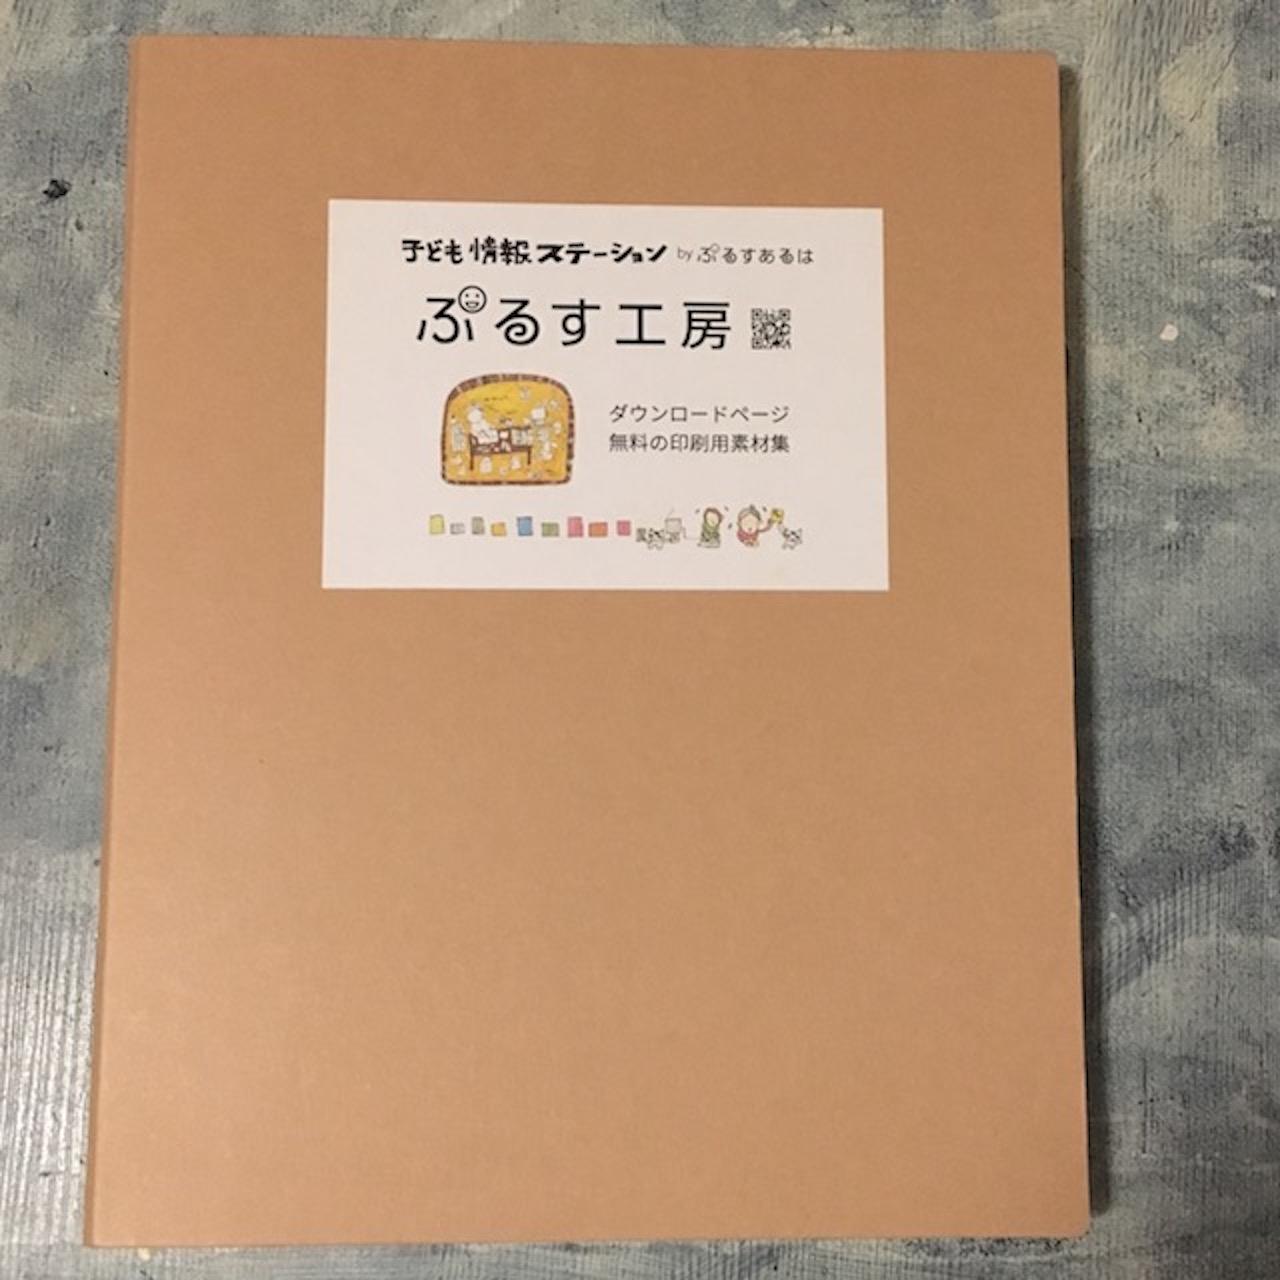 NEW『ぷるす工房ファイル』